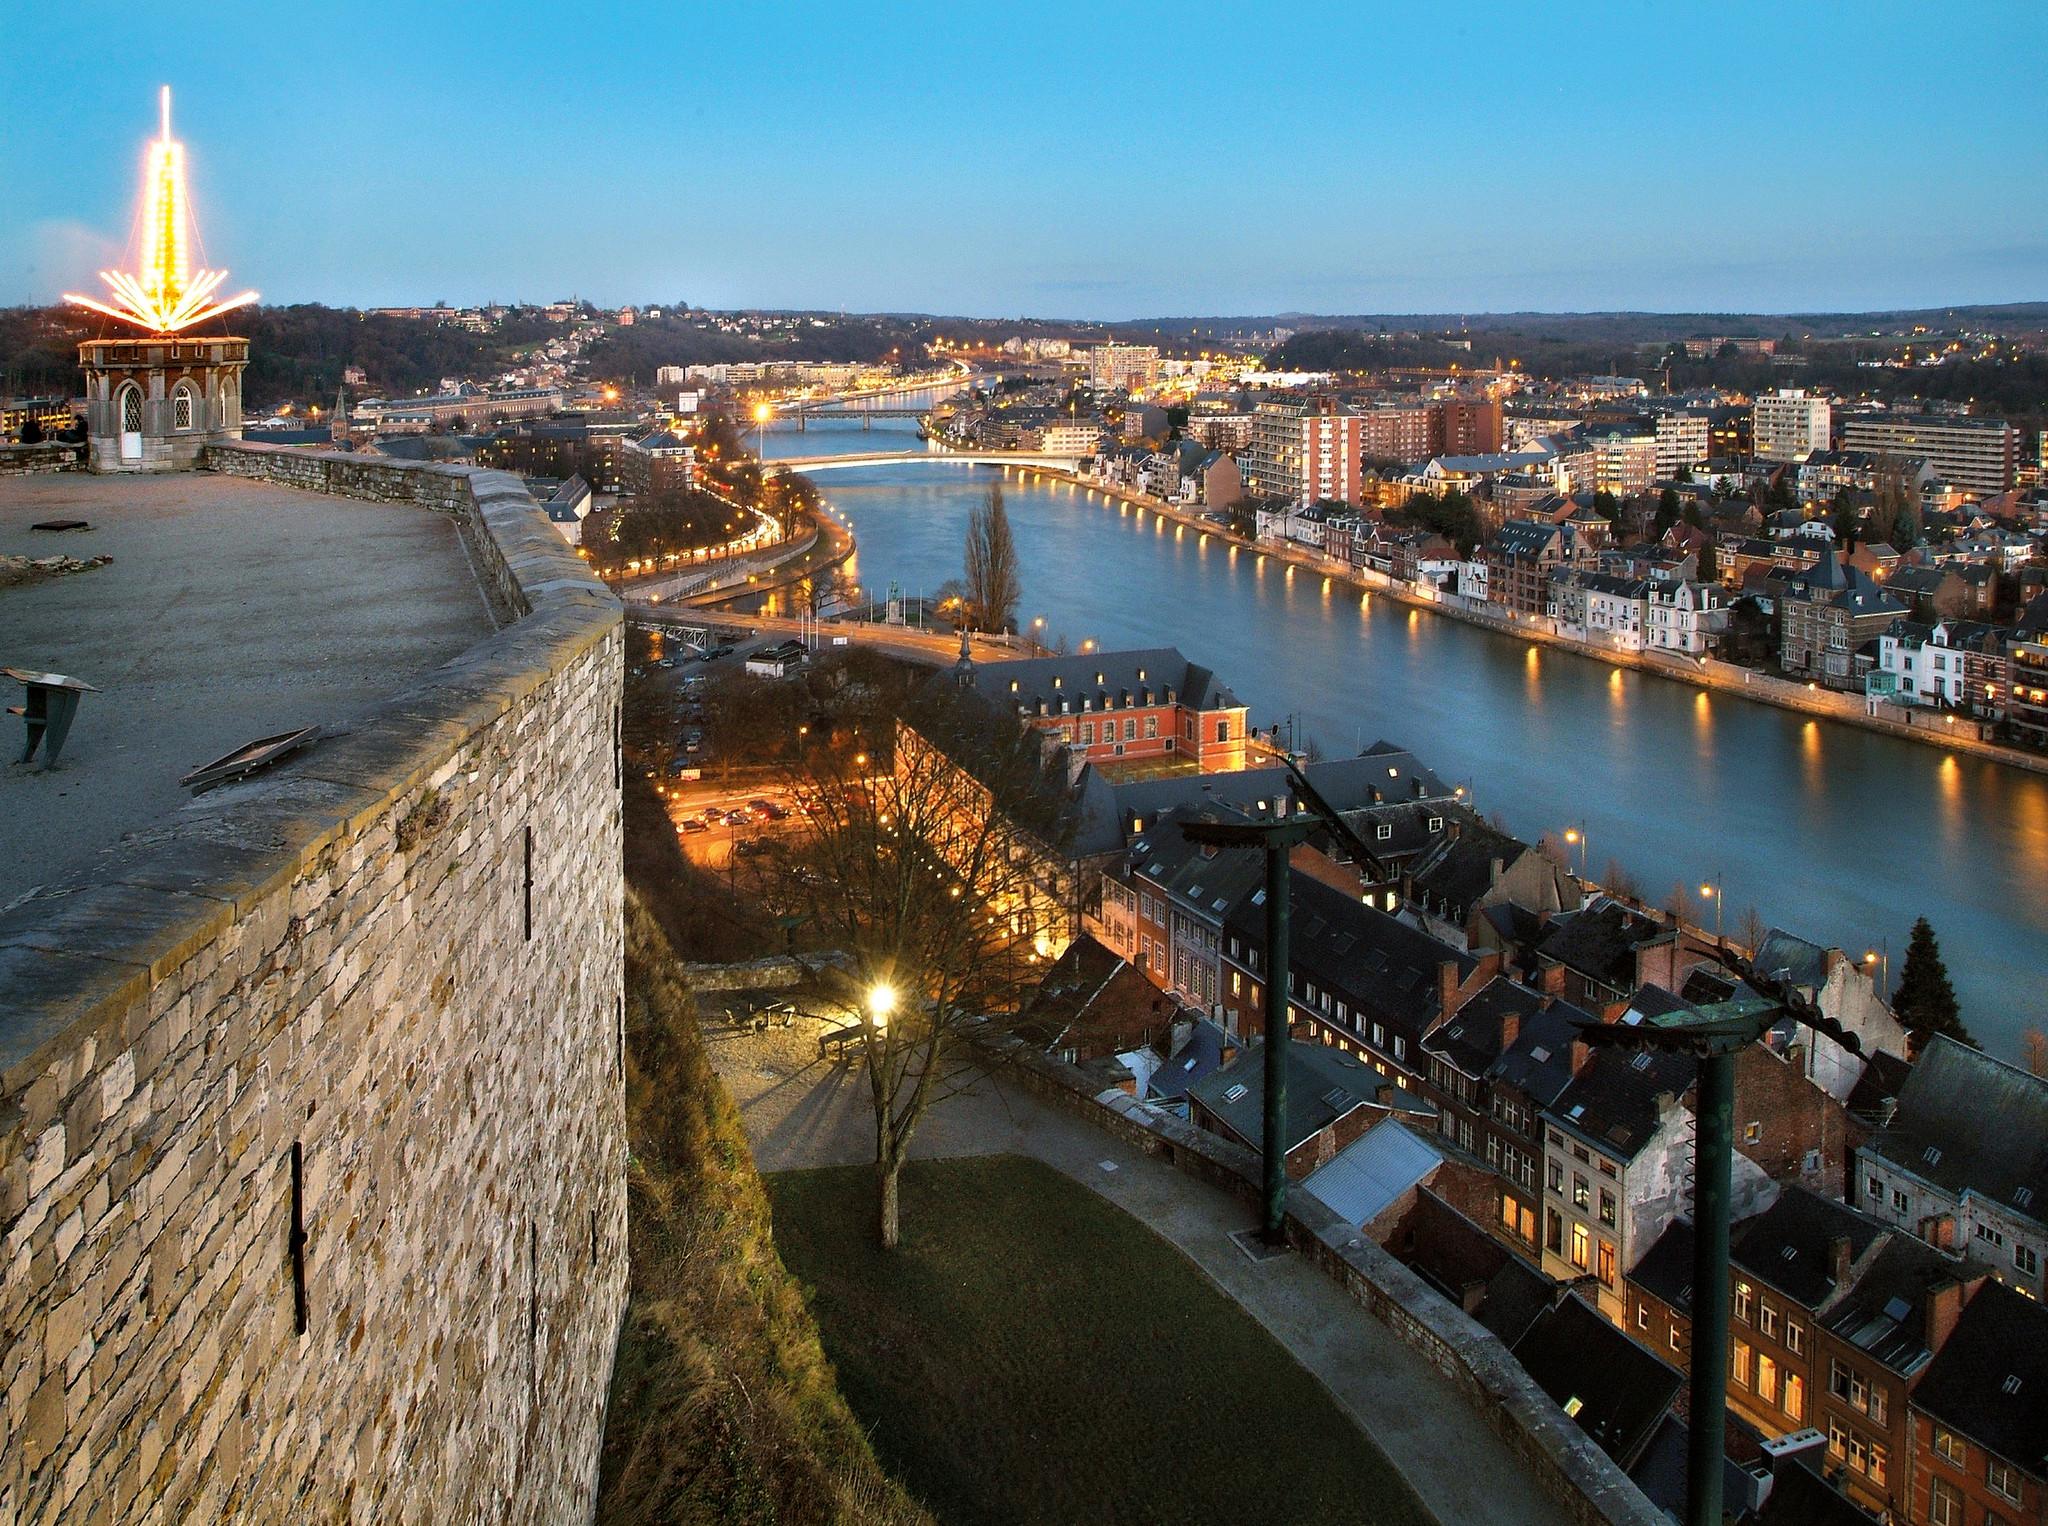 Vista de la ciudad de Dinant desde la Ciudadela de Namur.